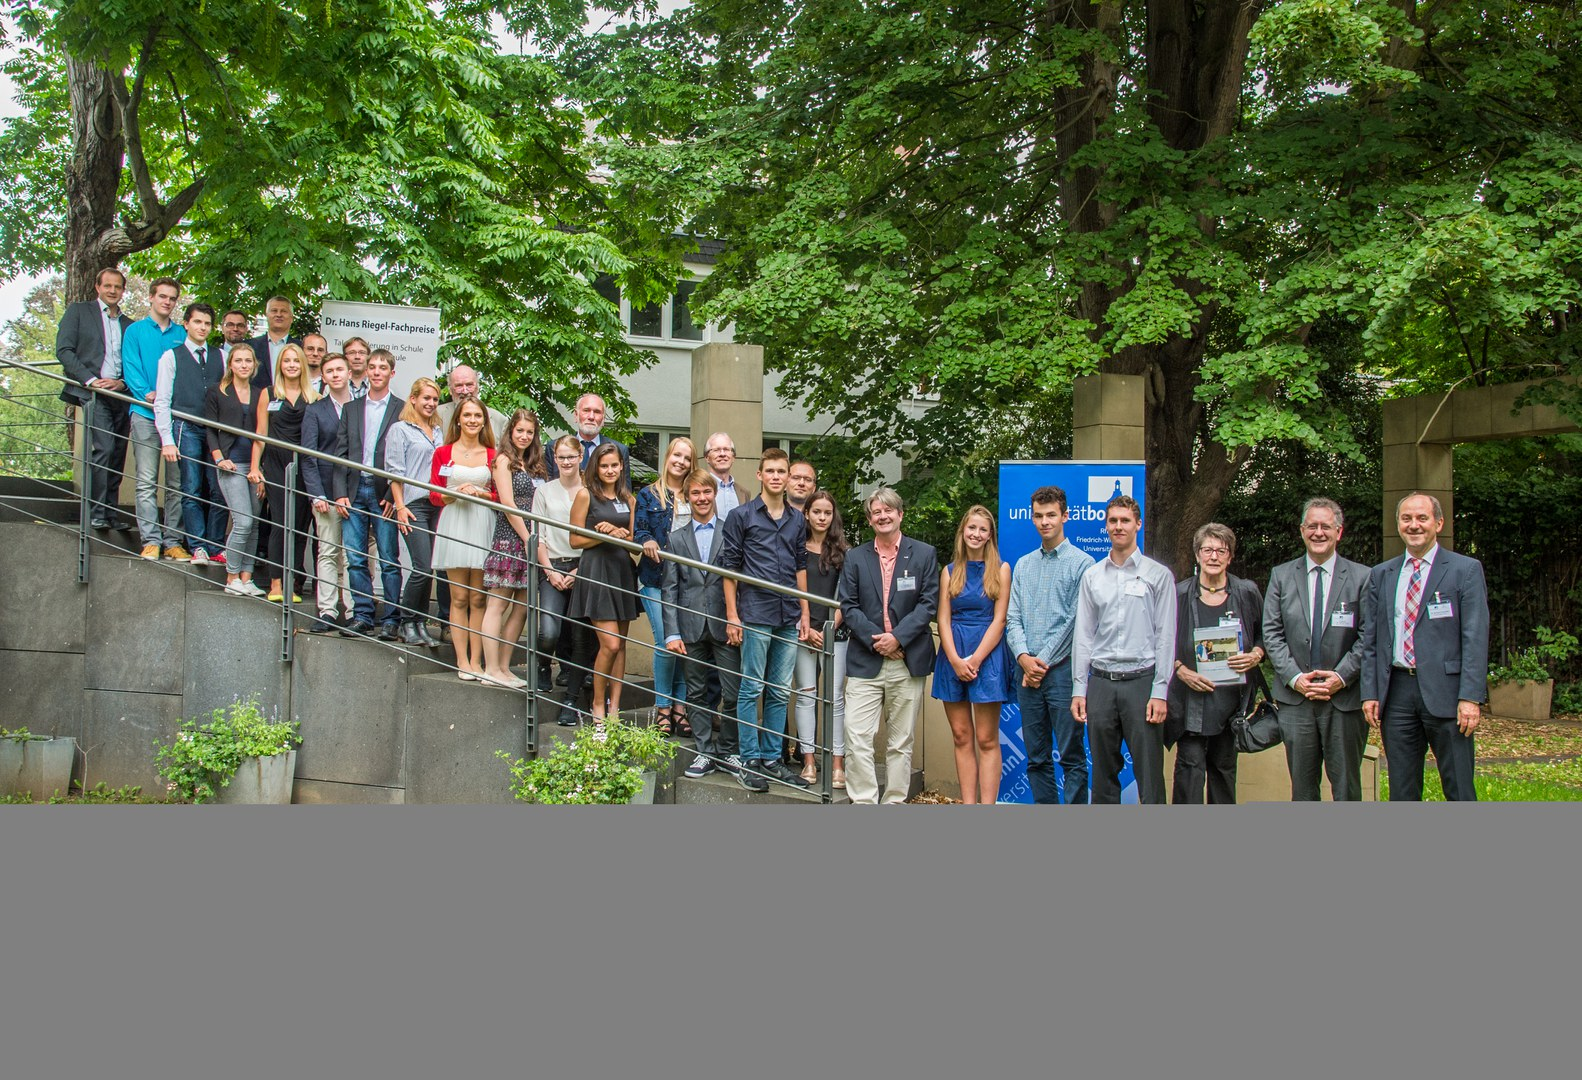 Die Preisträger der Dr. Hans Riegel-Fachpreise 2015